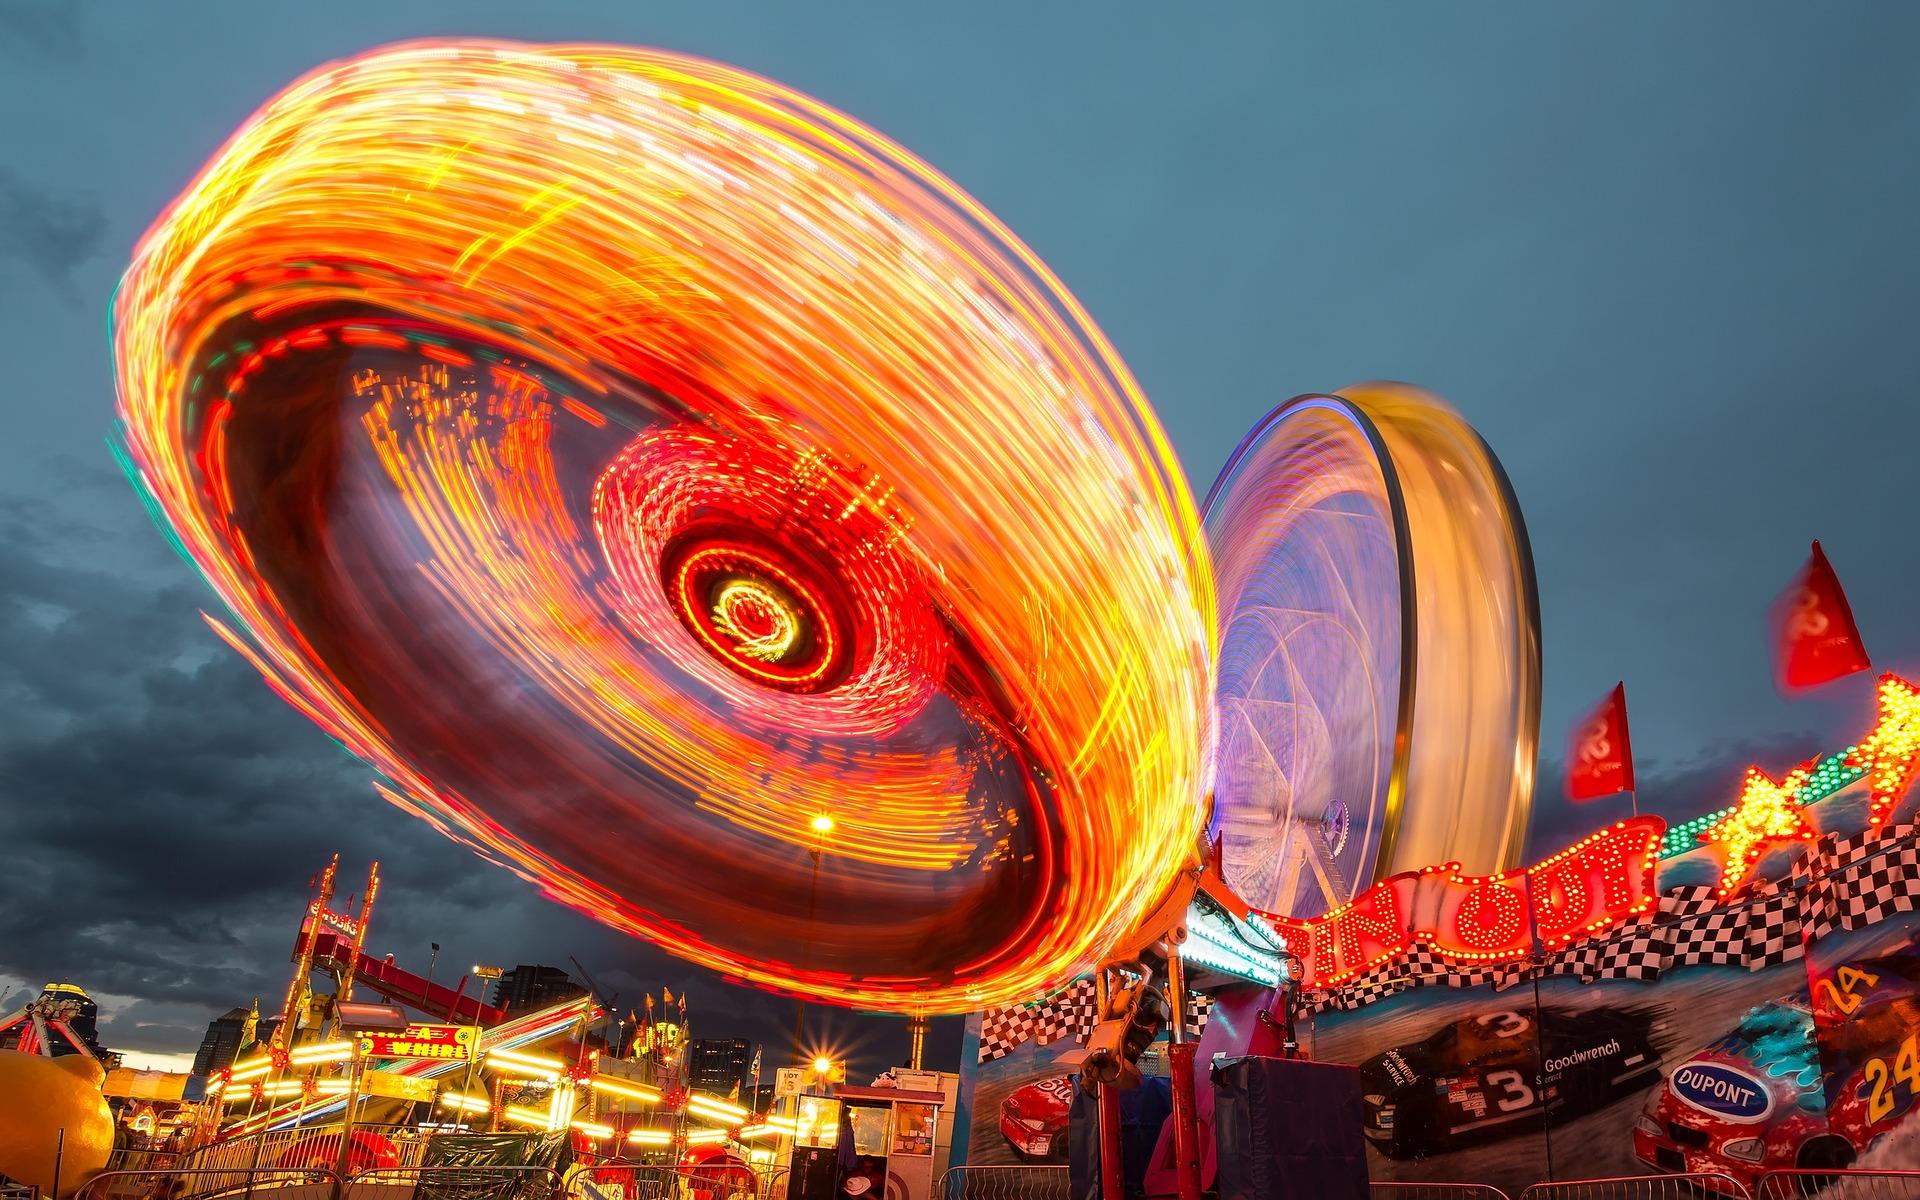 Parco di divertimenti, Rotella di Ferris, luci, divertimento, velocità, movimento - Sfondi HD - Professor-falken.com